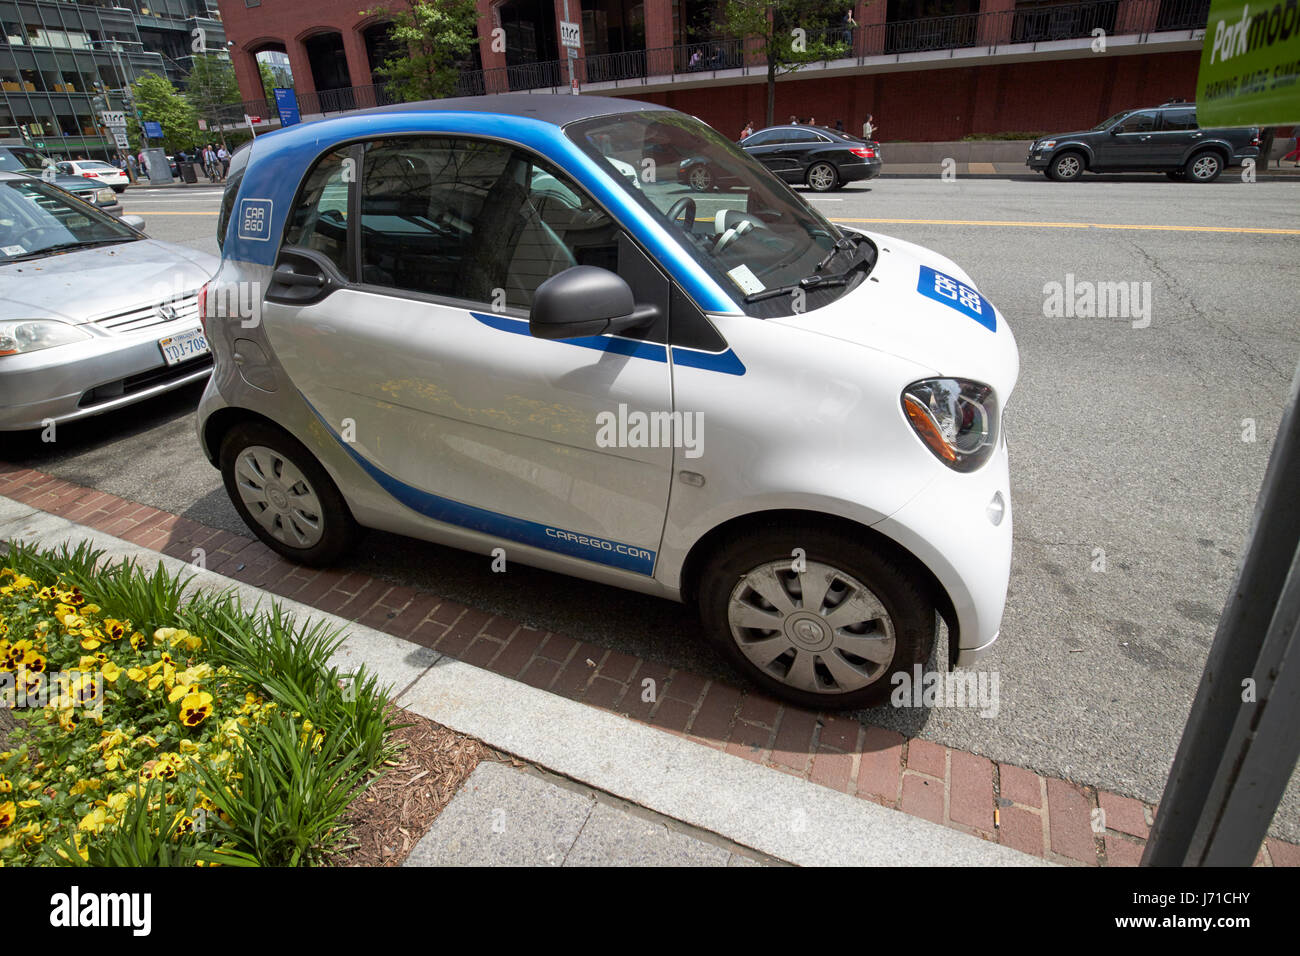 Car2go Car 2go Car Sharing Scheme Washington Dc Usa Stock Photo